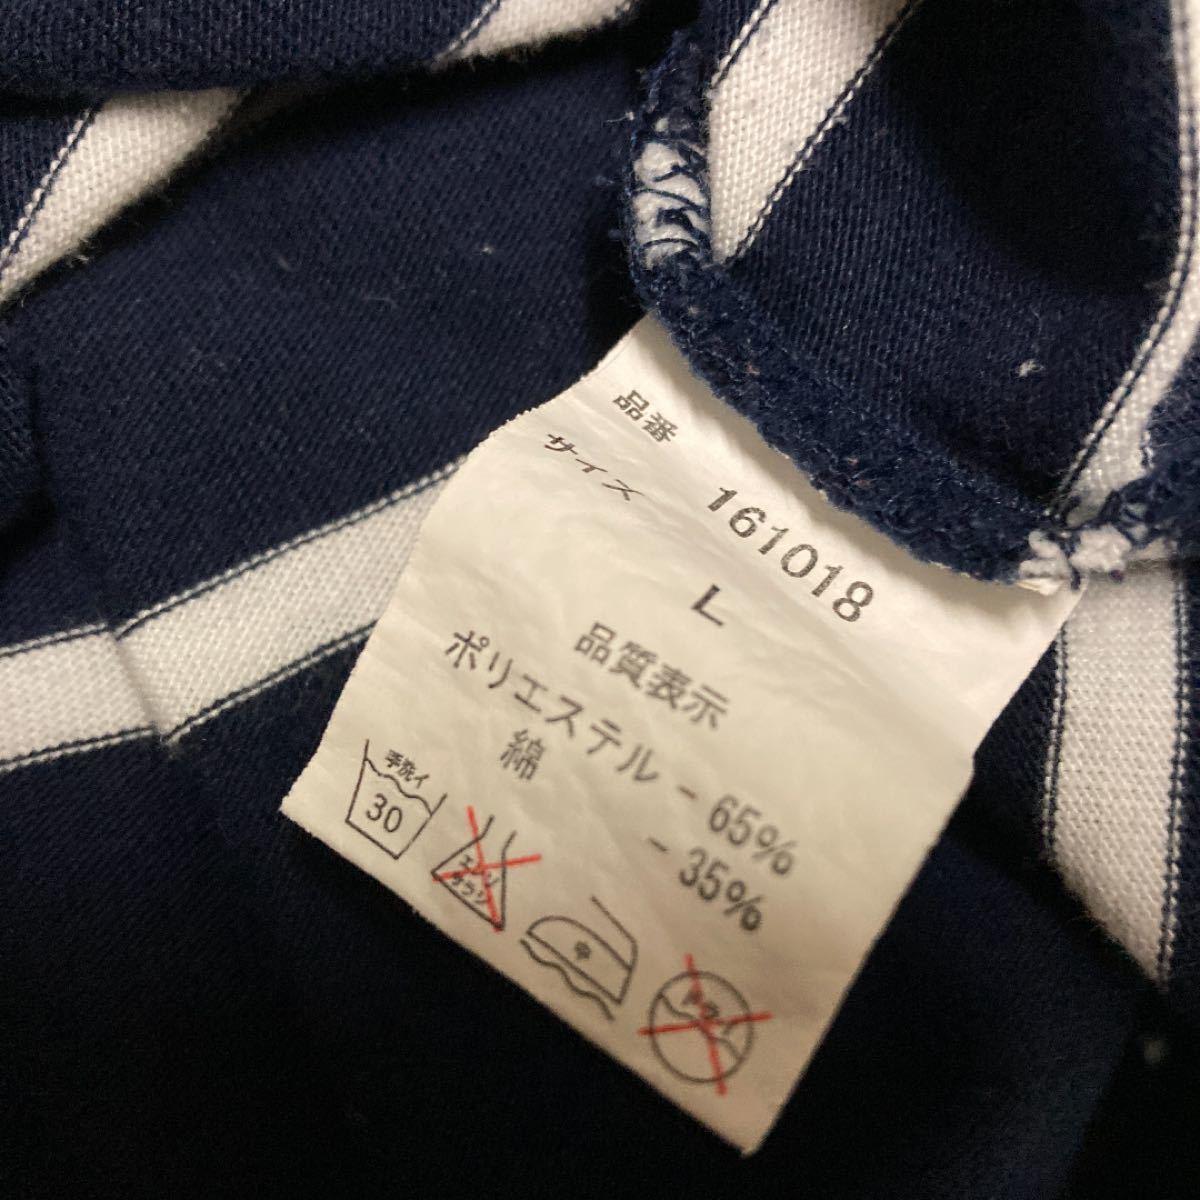 メンズ半袖ボーダーシャツ